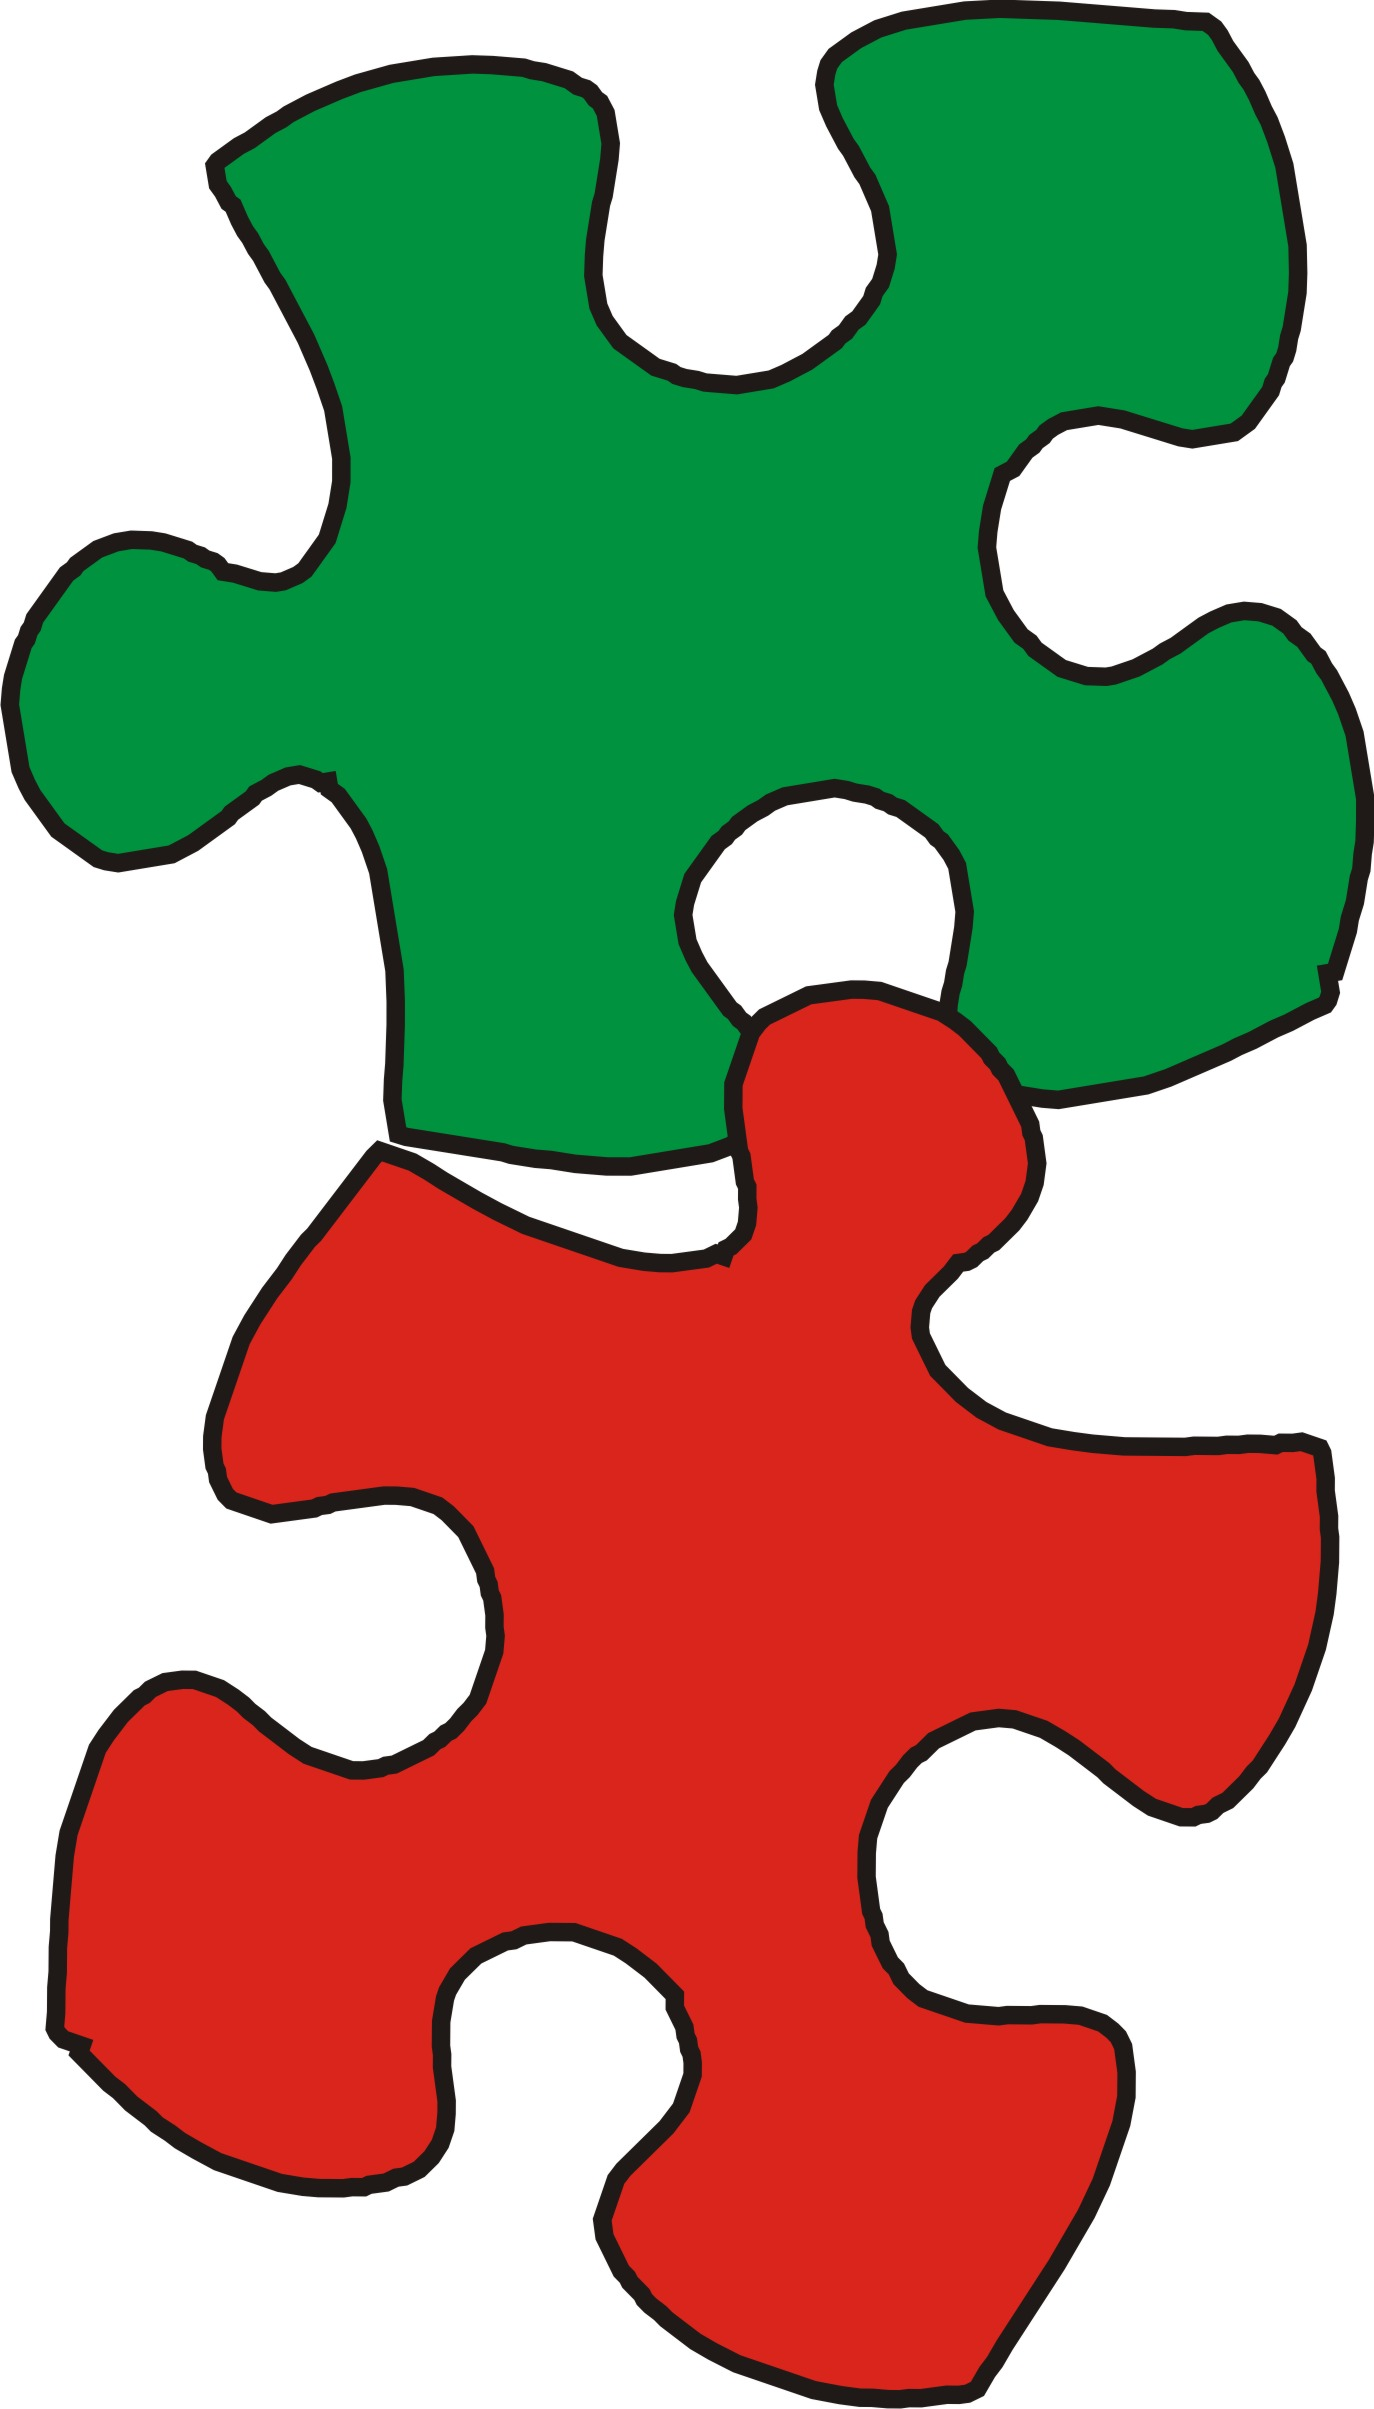 Jigsaw Template